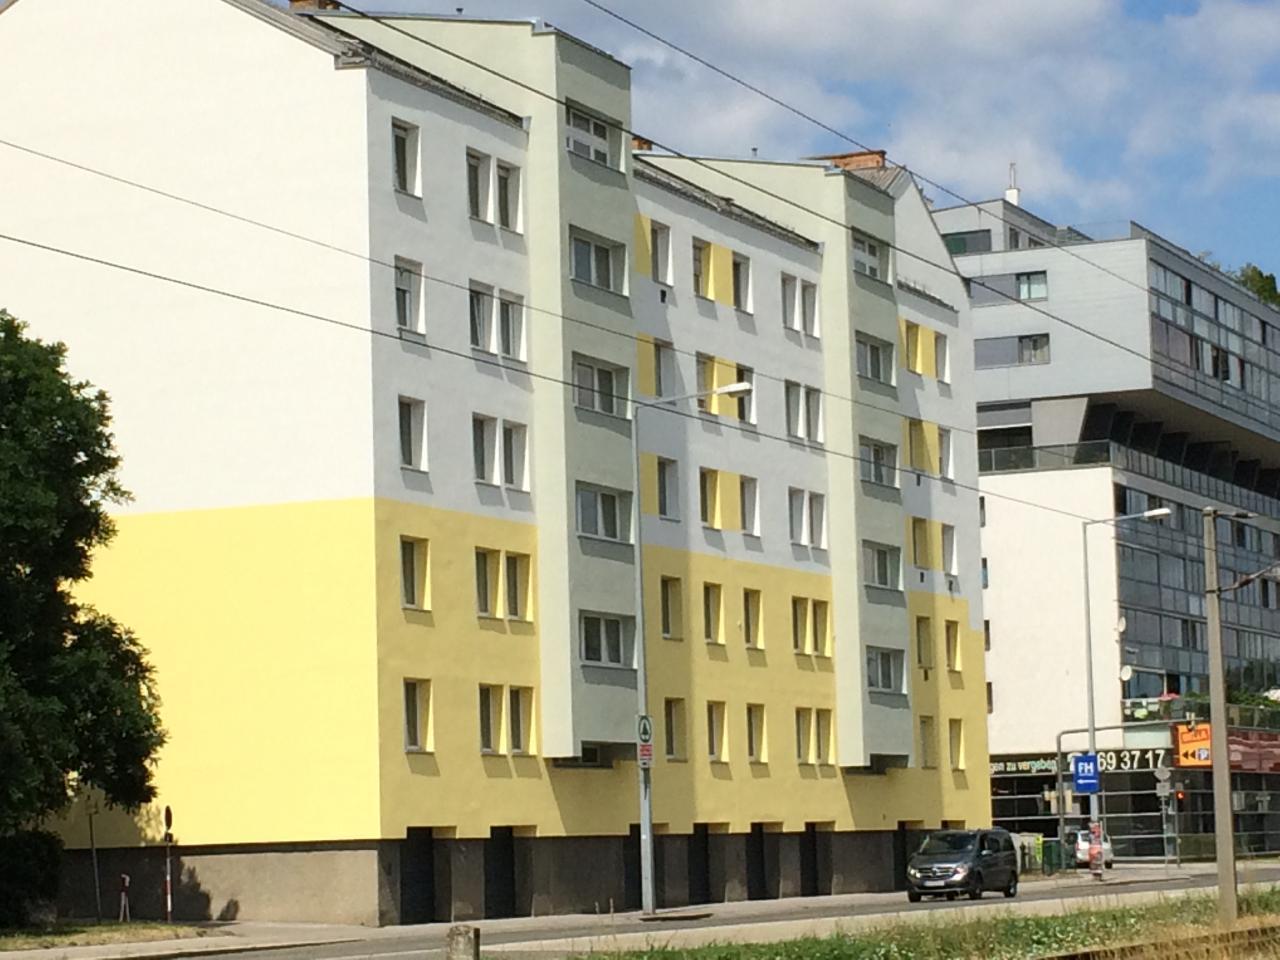 Appartement de vacances 100m² Apartment Donaublick (1521090), Vienne, , Vienne, Autriche, image 31